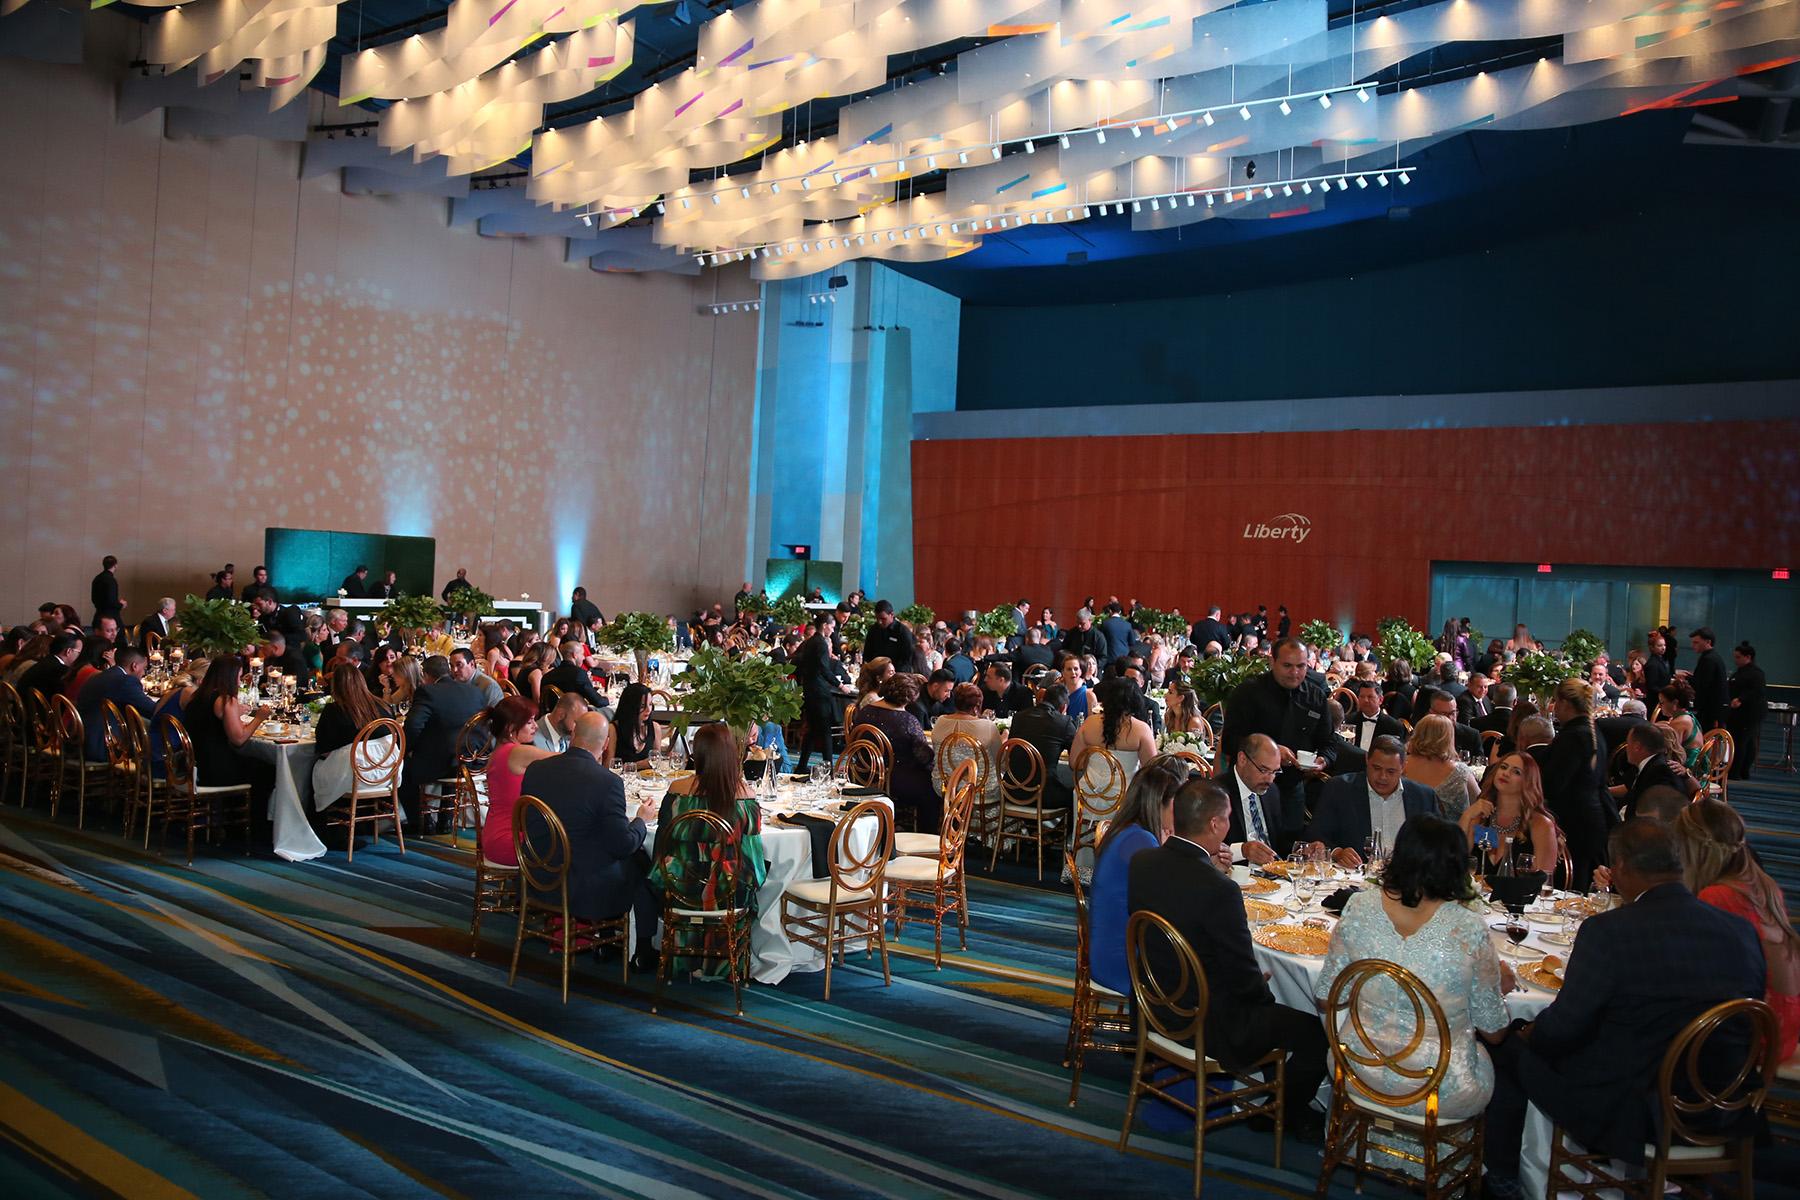 El MIDA Conference and Food Show 2019 se celebró en el Centro de Convenciones. (José Rafael Pérez Centeno)